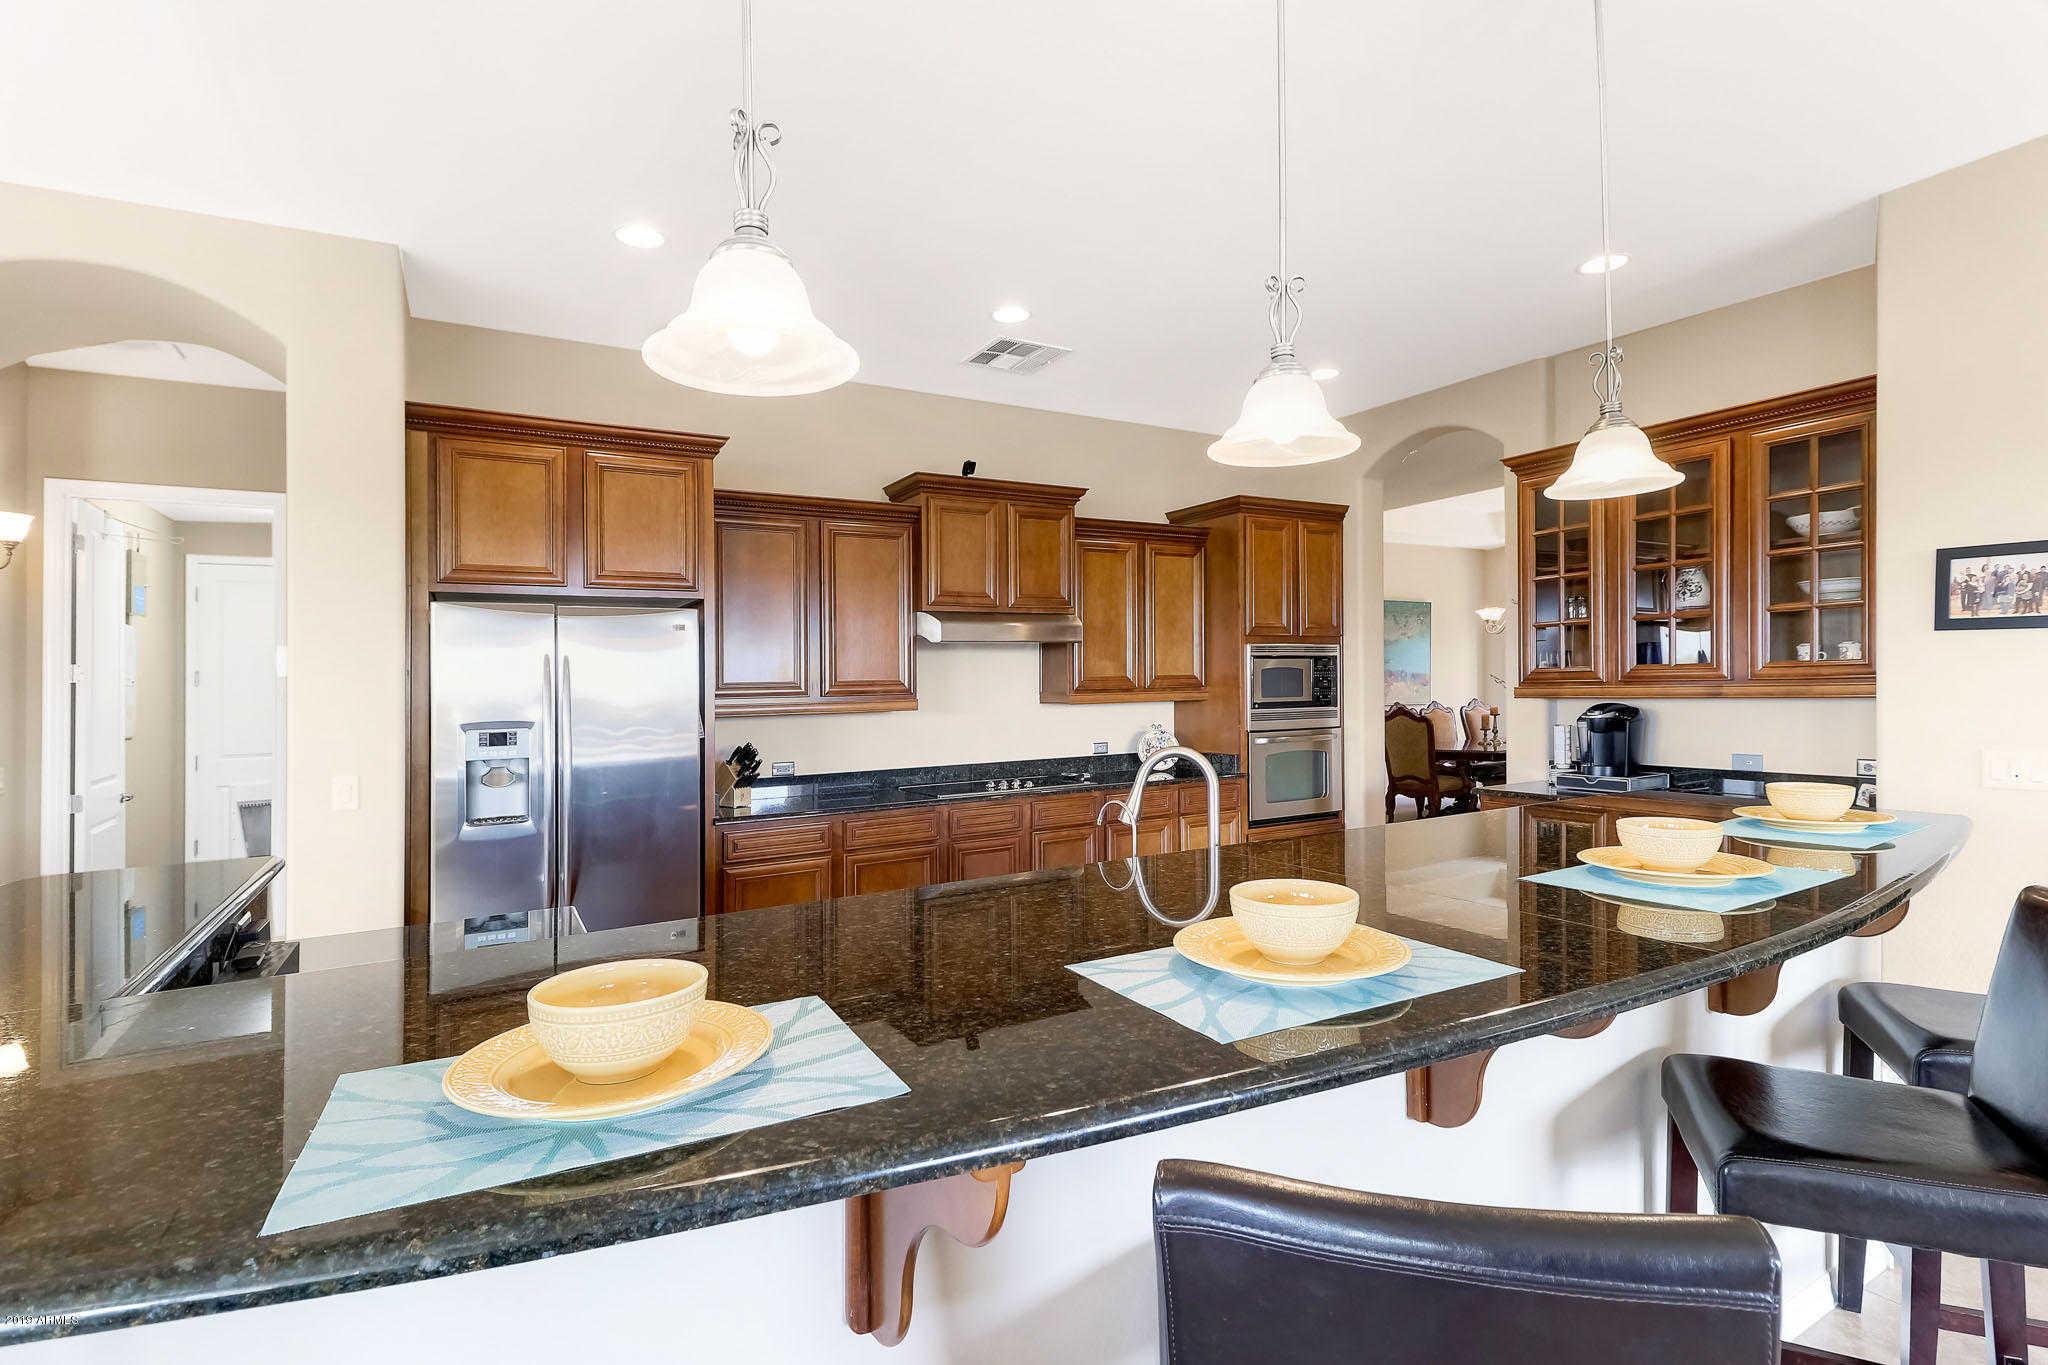 $469,900 - 3Br/3Ba - Home for Sale in Coronado Village At Estrella Mtn Ranch Parcel 9.3, Goodyear